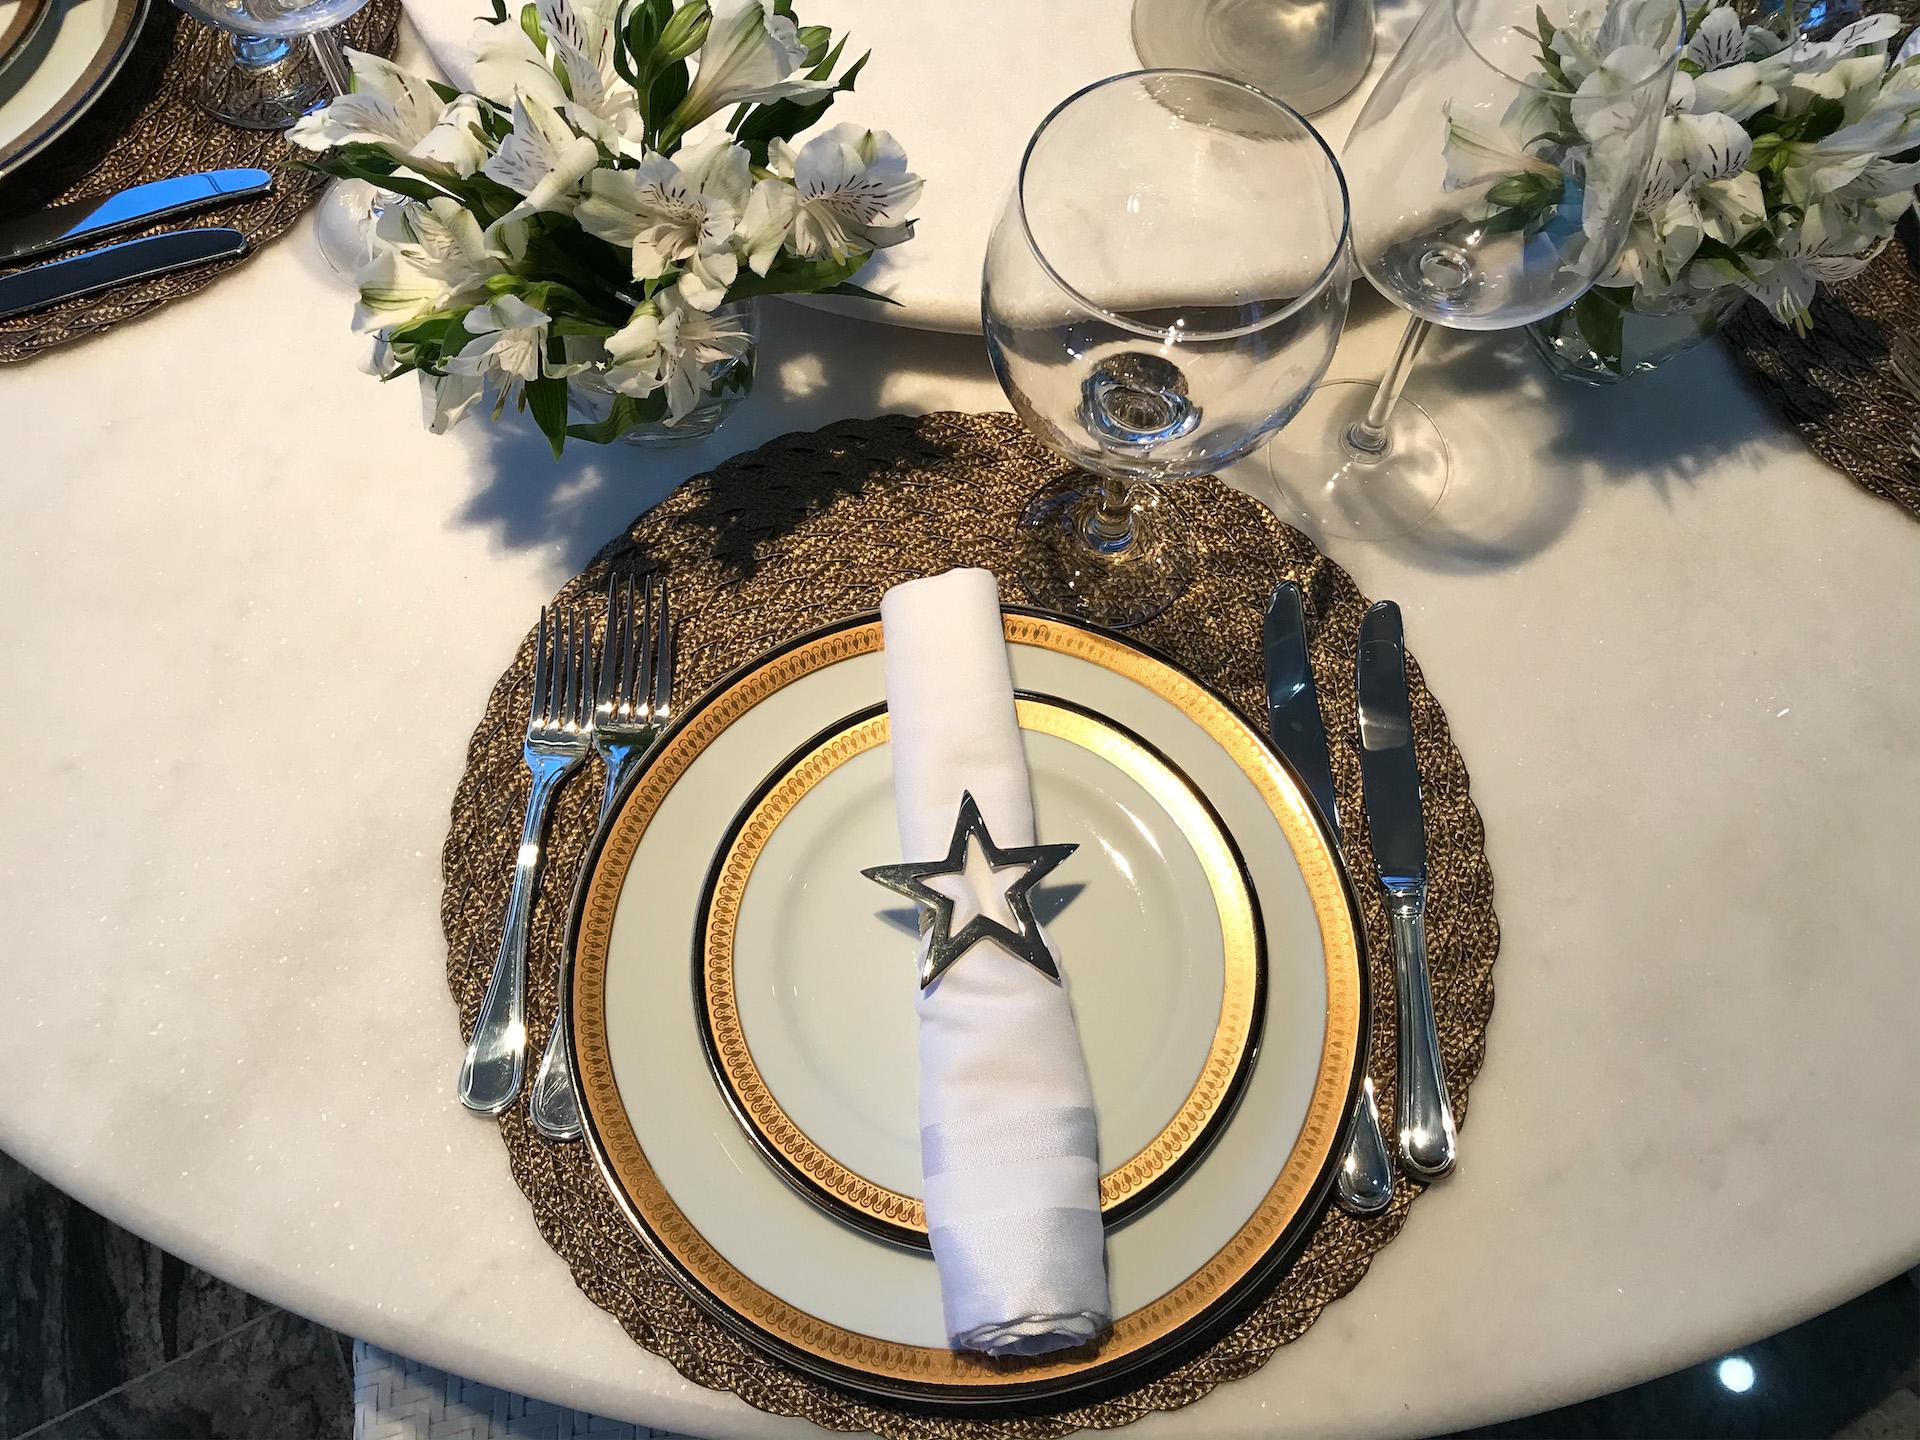 mesa posta jantar de ano novo em casa com os amigos